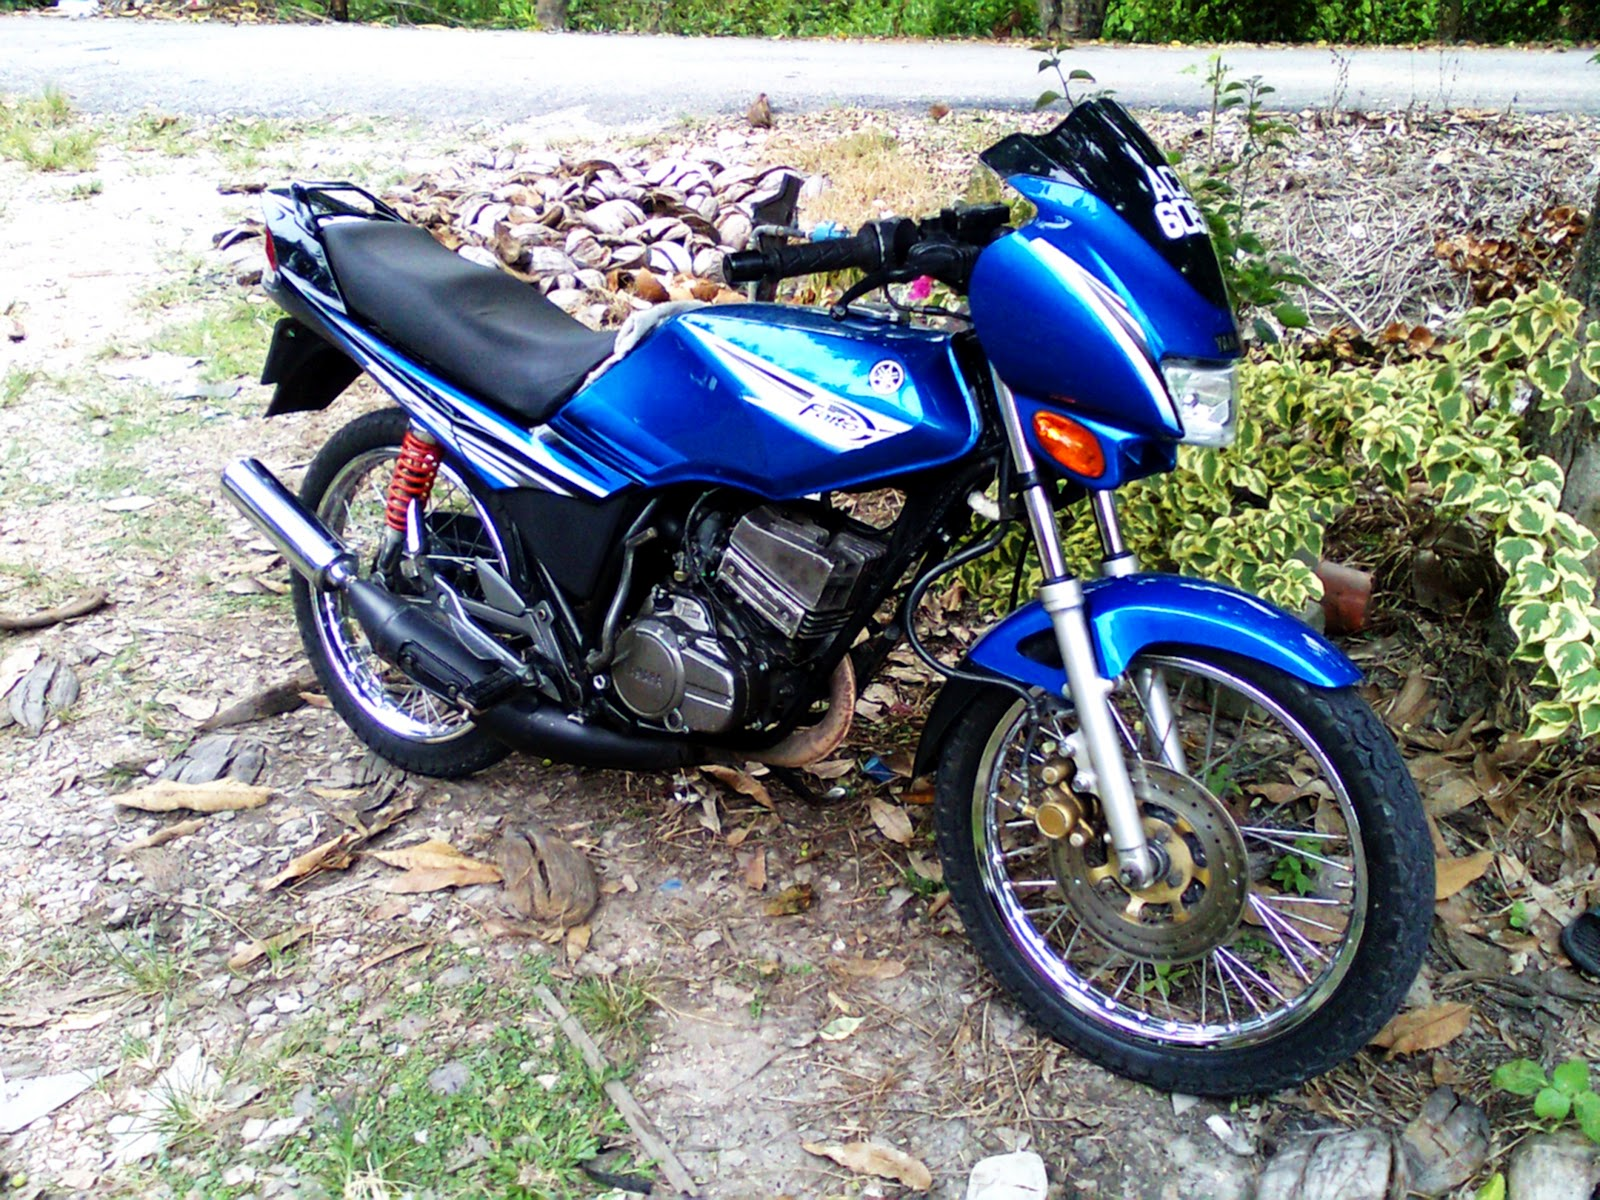 Download 100 Gambar Motor Rxz Warna Biru Terbaru Dan Terlengkap